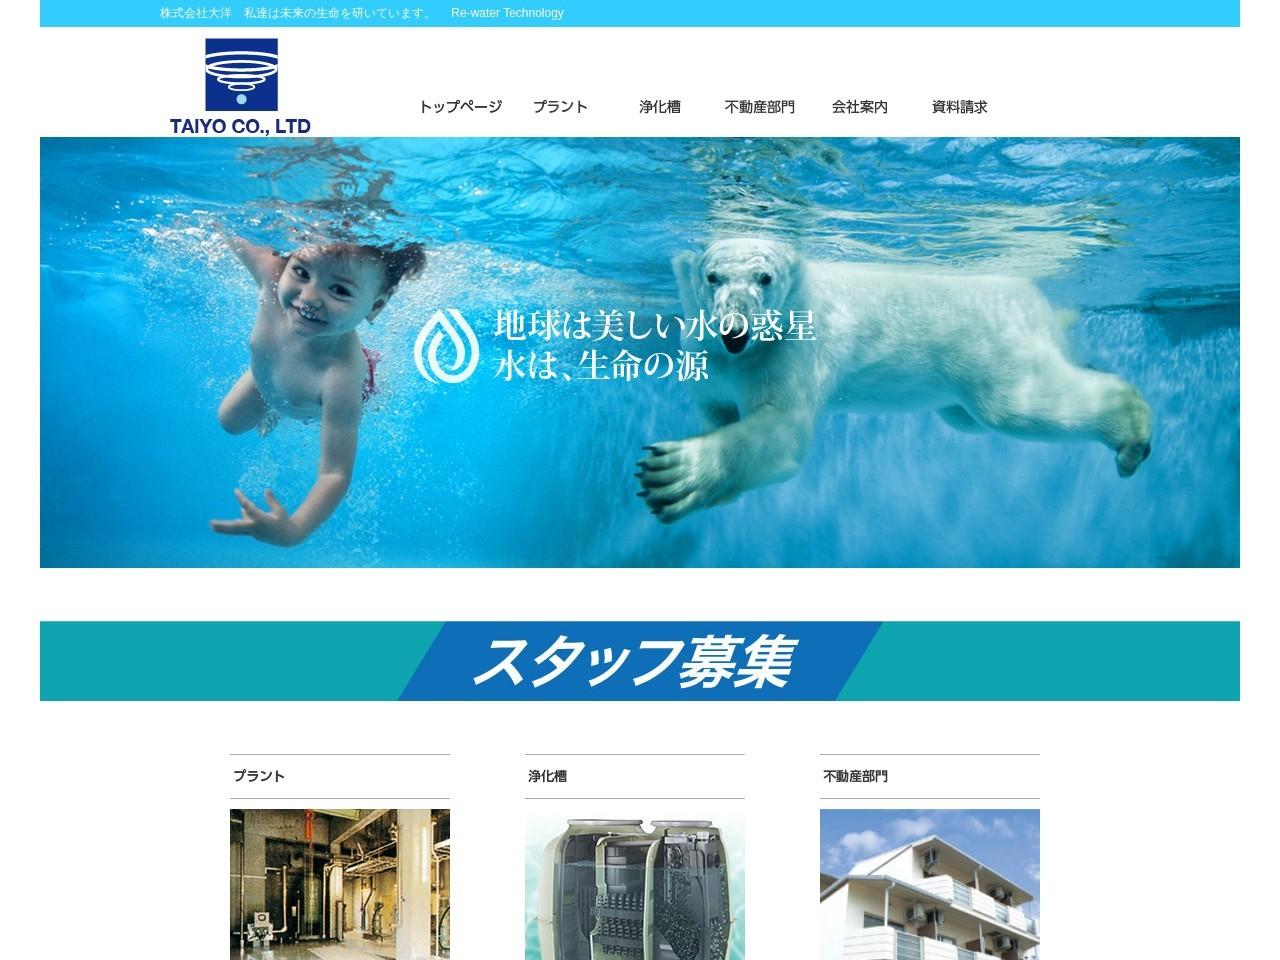 株式会社大洋